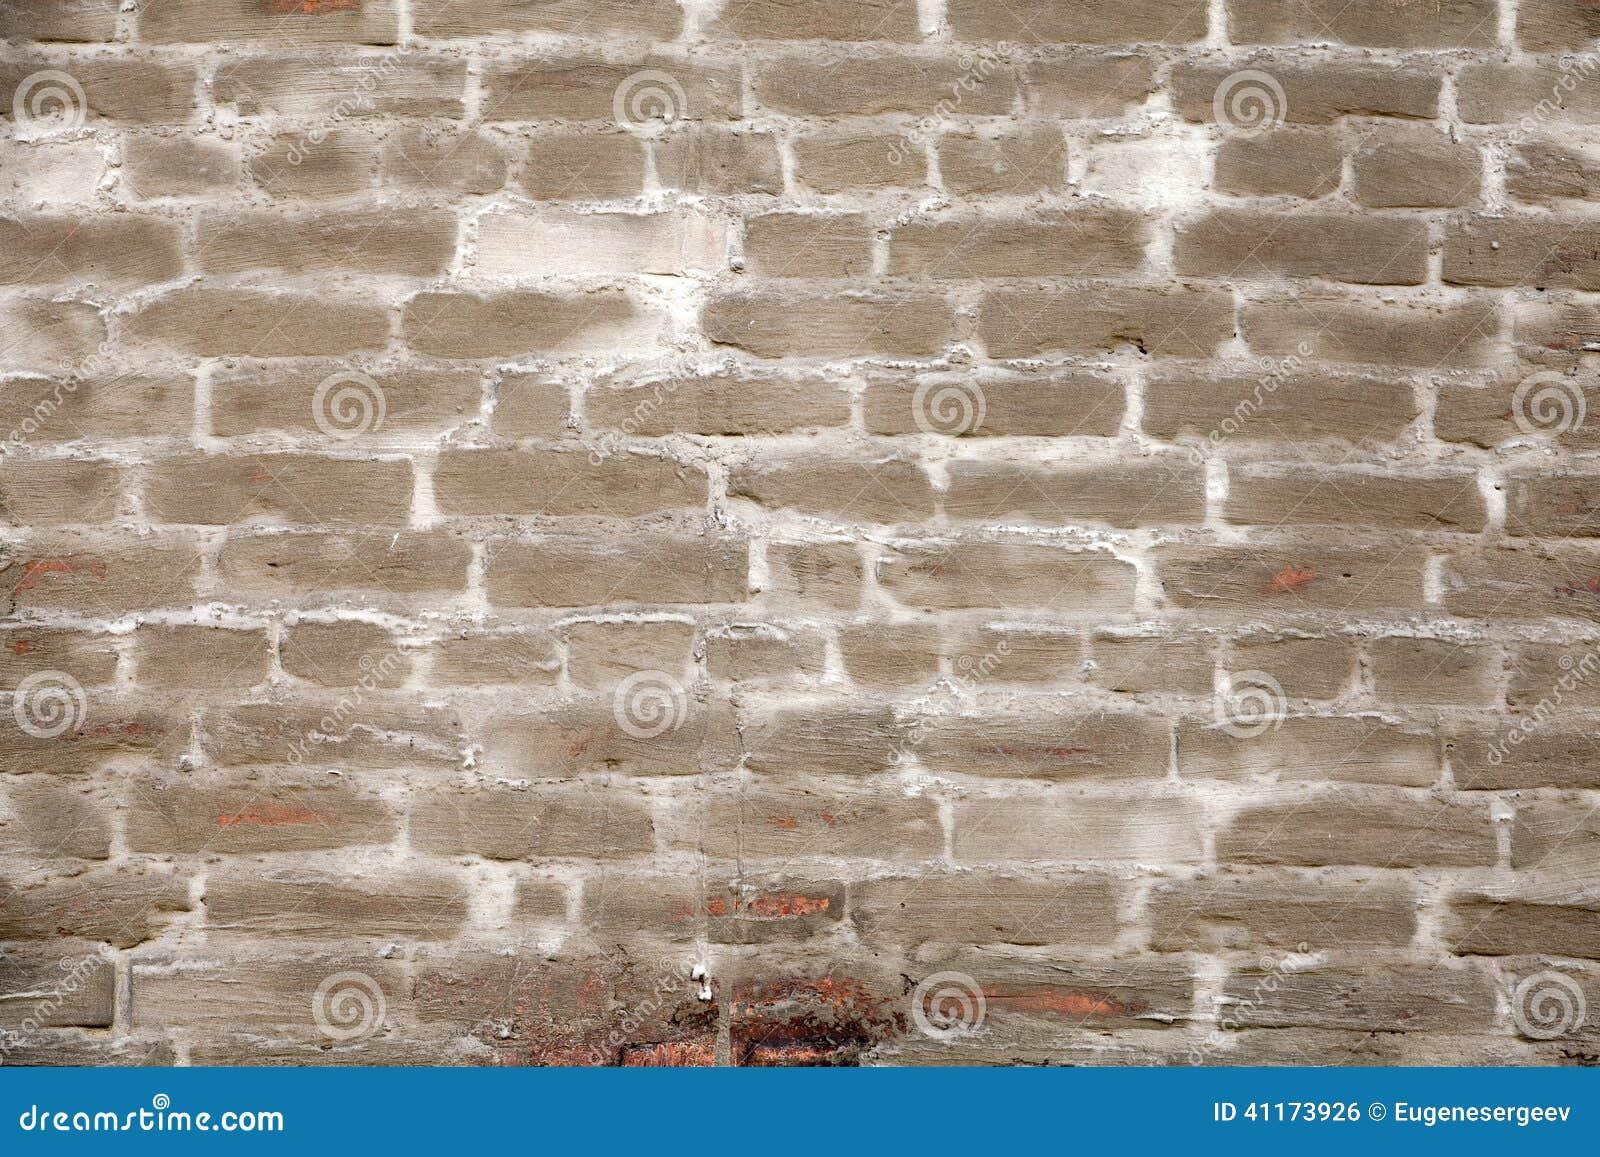 vieux mur de briques avec le stuc brun texture de fond photo stock image du brun. Black Bedroom Furniture Sets. Home Design Ideas